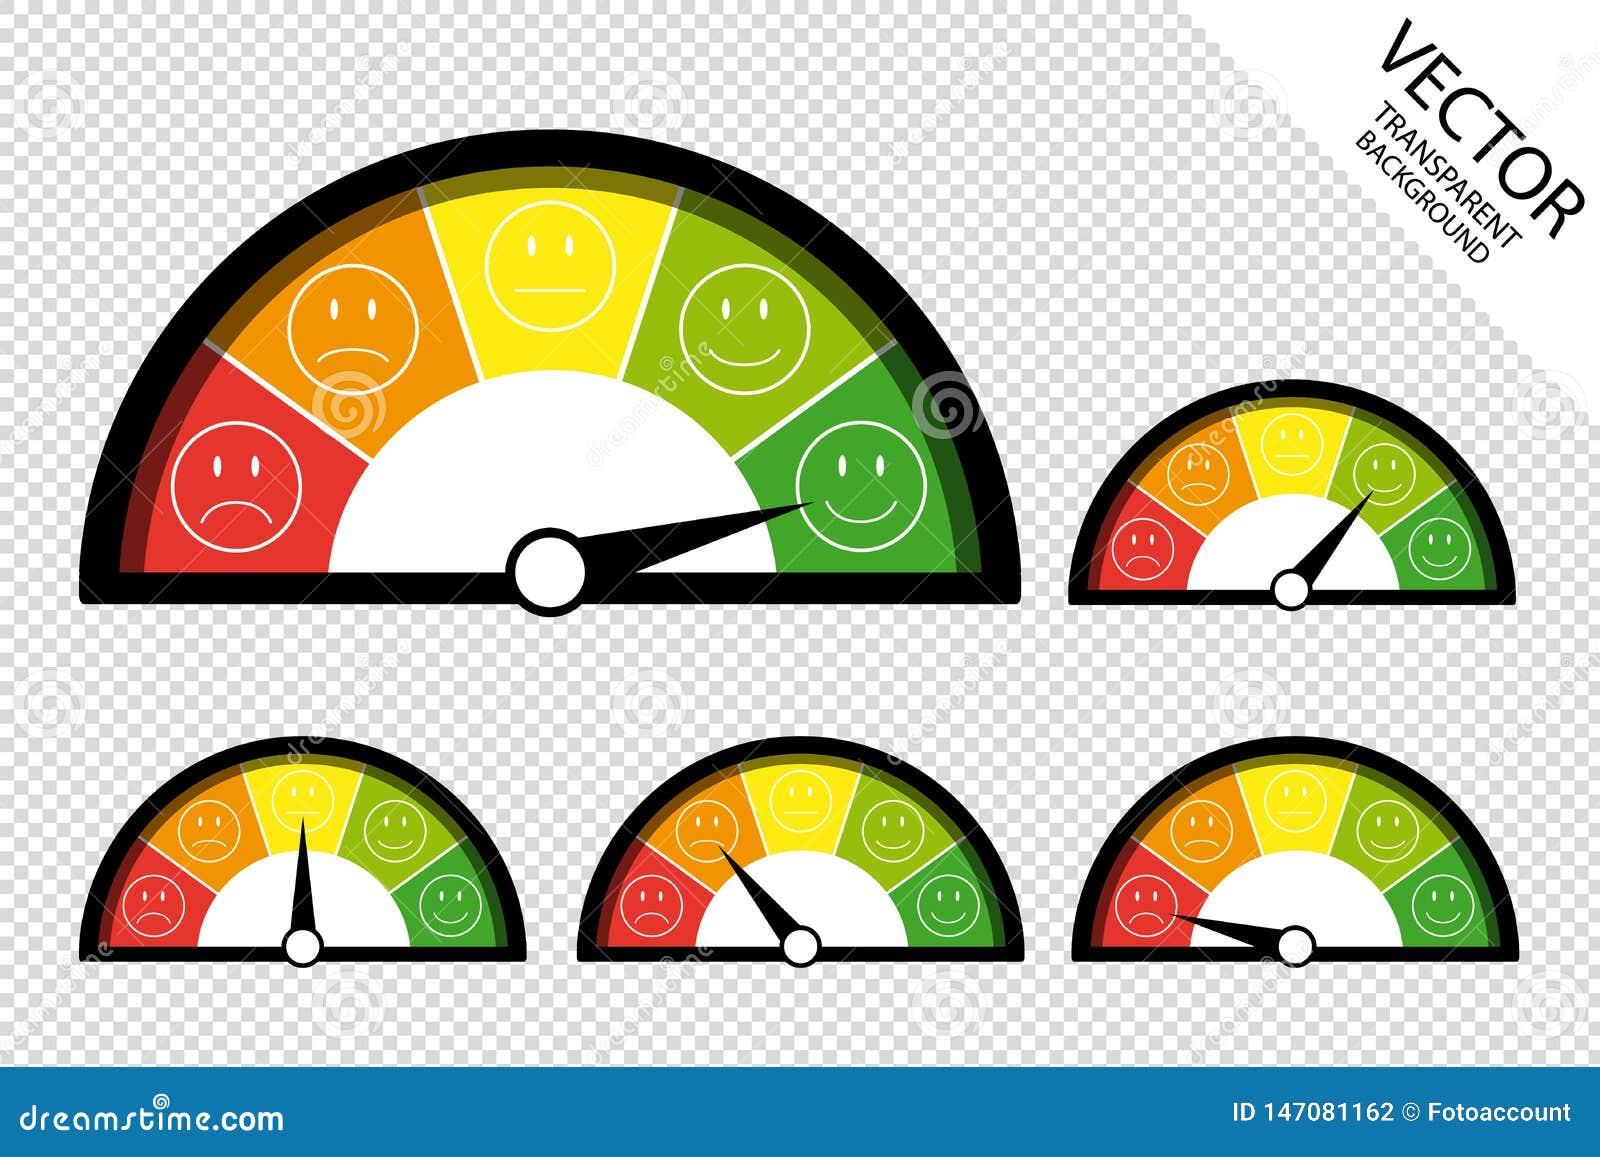 Ταχύμετρο ανατροφοδότησης, μετρητής ικανοποίησης πελατών, εικονίδια εκτίμησης προϊόντων - διανυσματική απεικόνιση που απομονώνετα